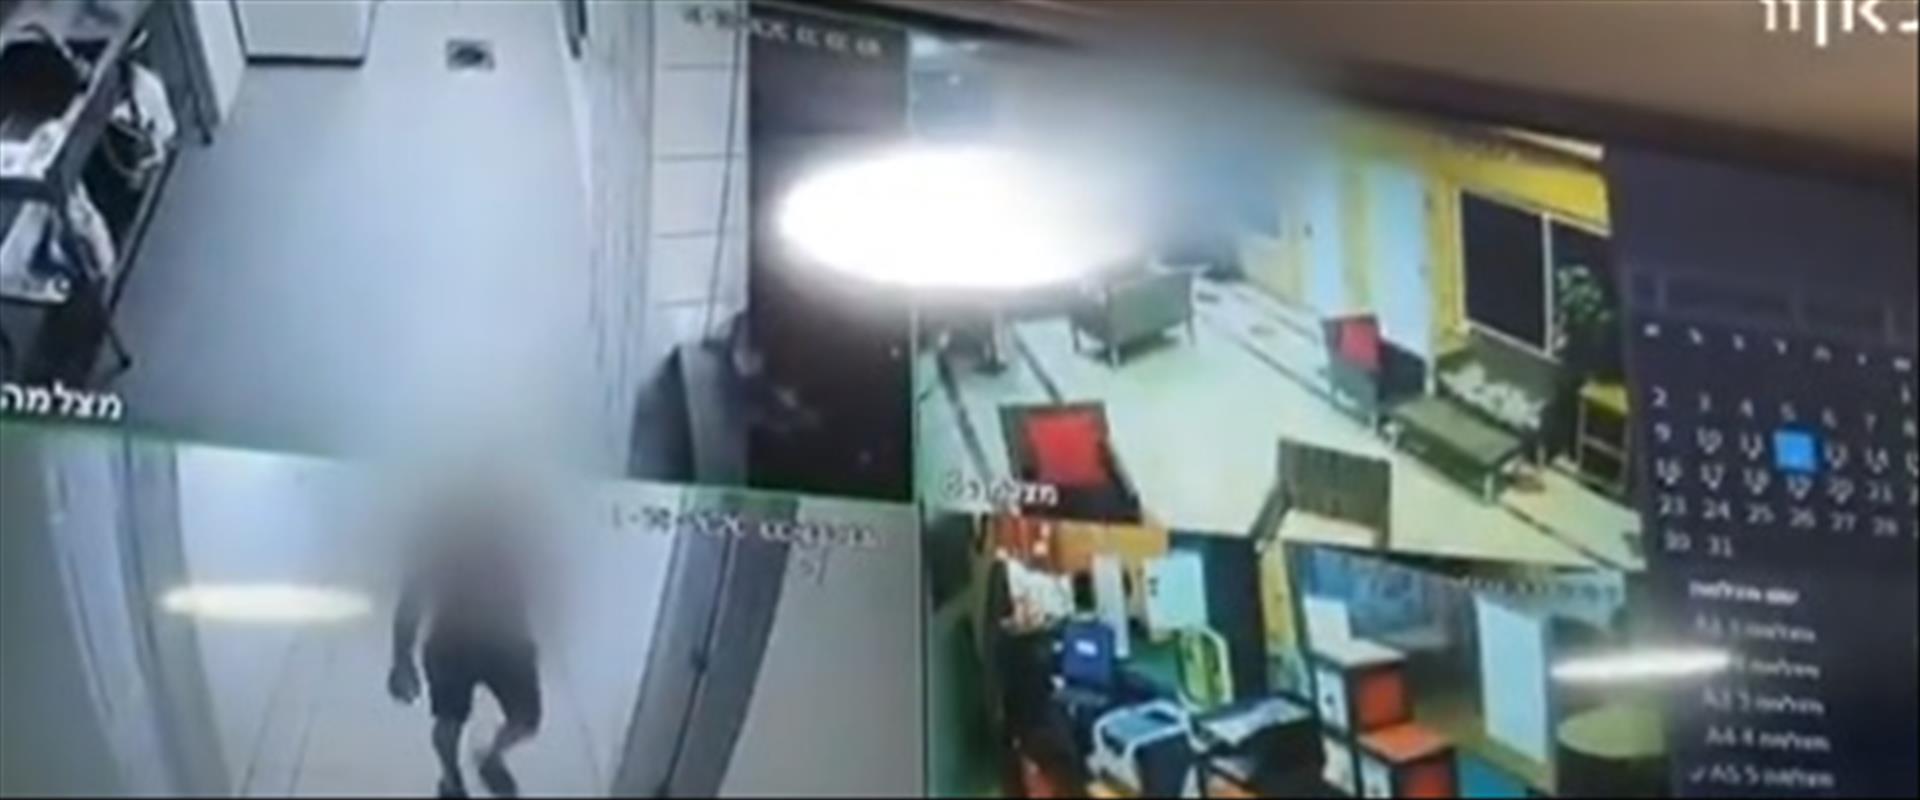 תיעוד ממצלמות האבטחה מהמלון שבו לפי  החשד נאנסה קט